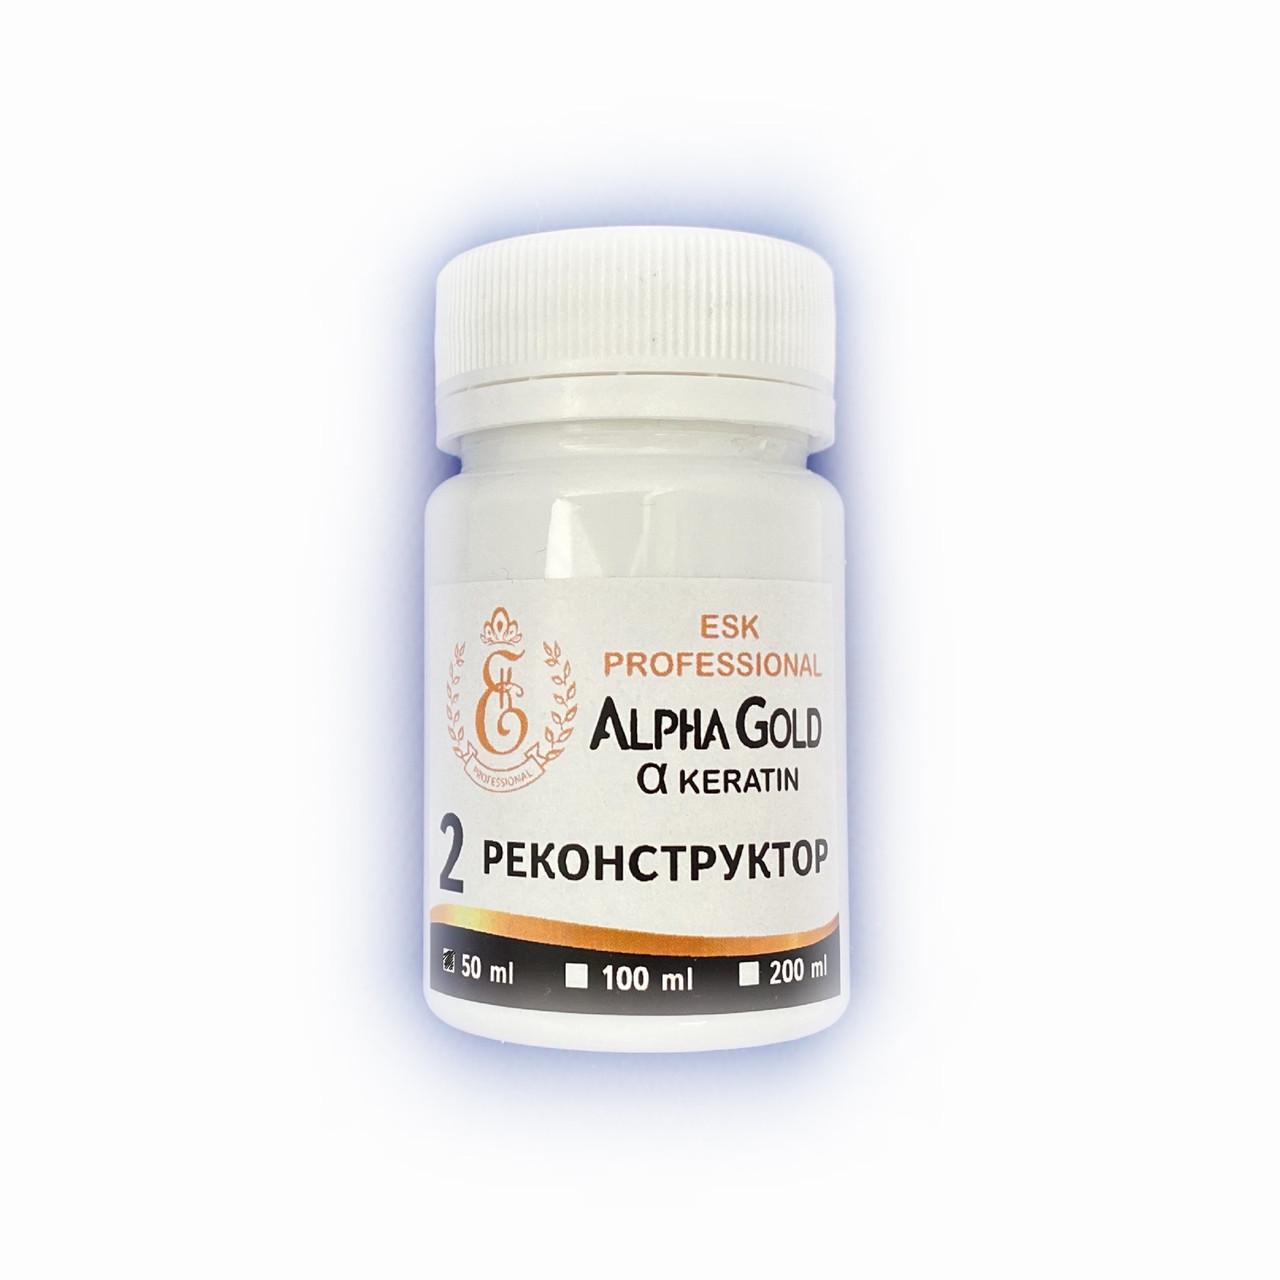 Нанопластика для волос Alpha Gold ESK Professional, 50 мл